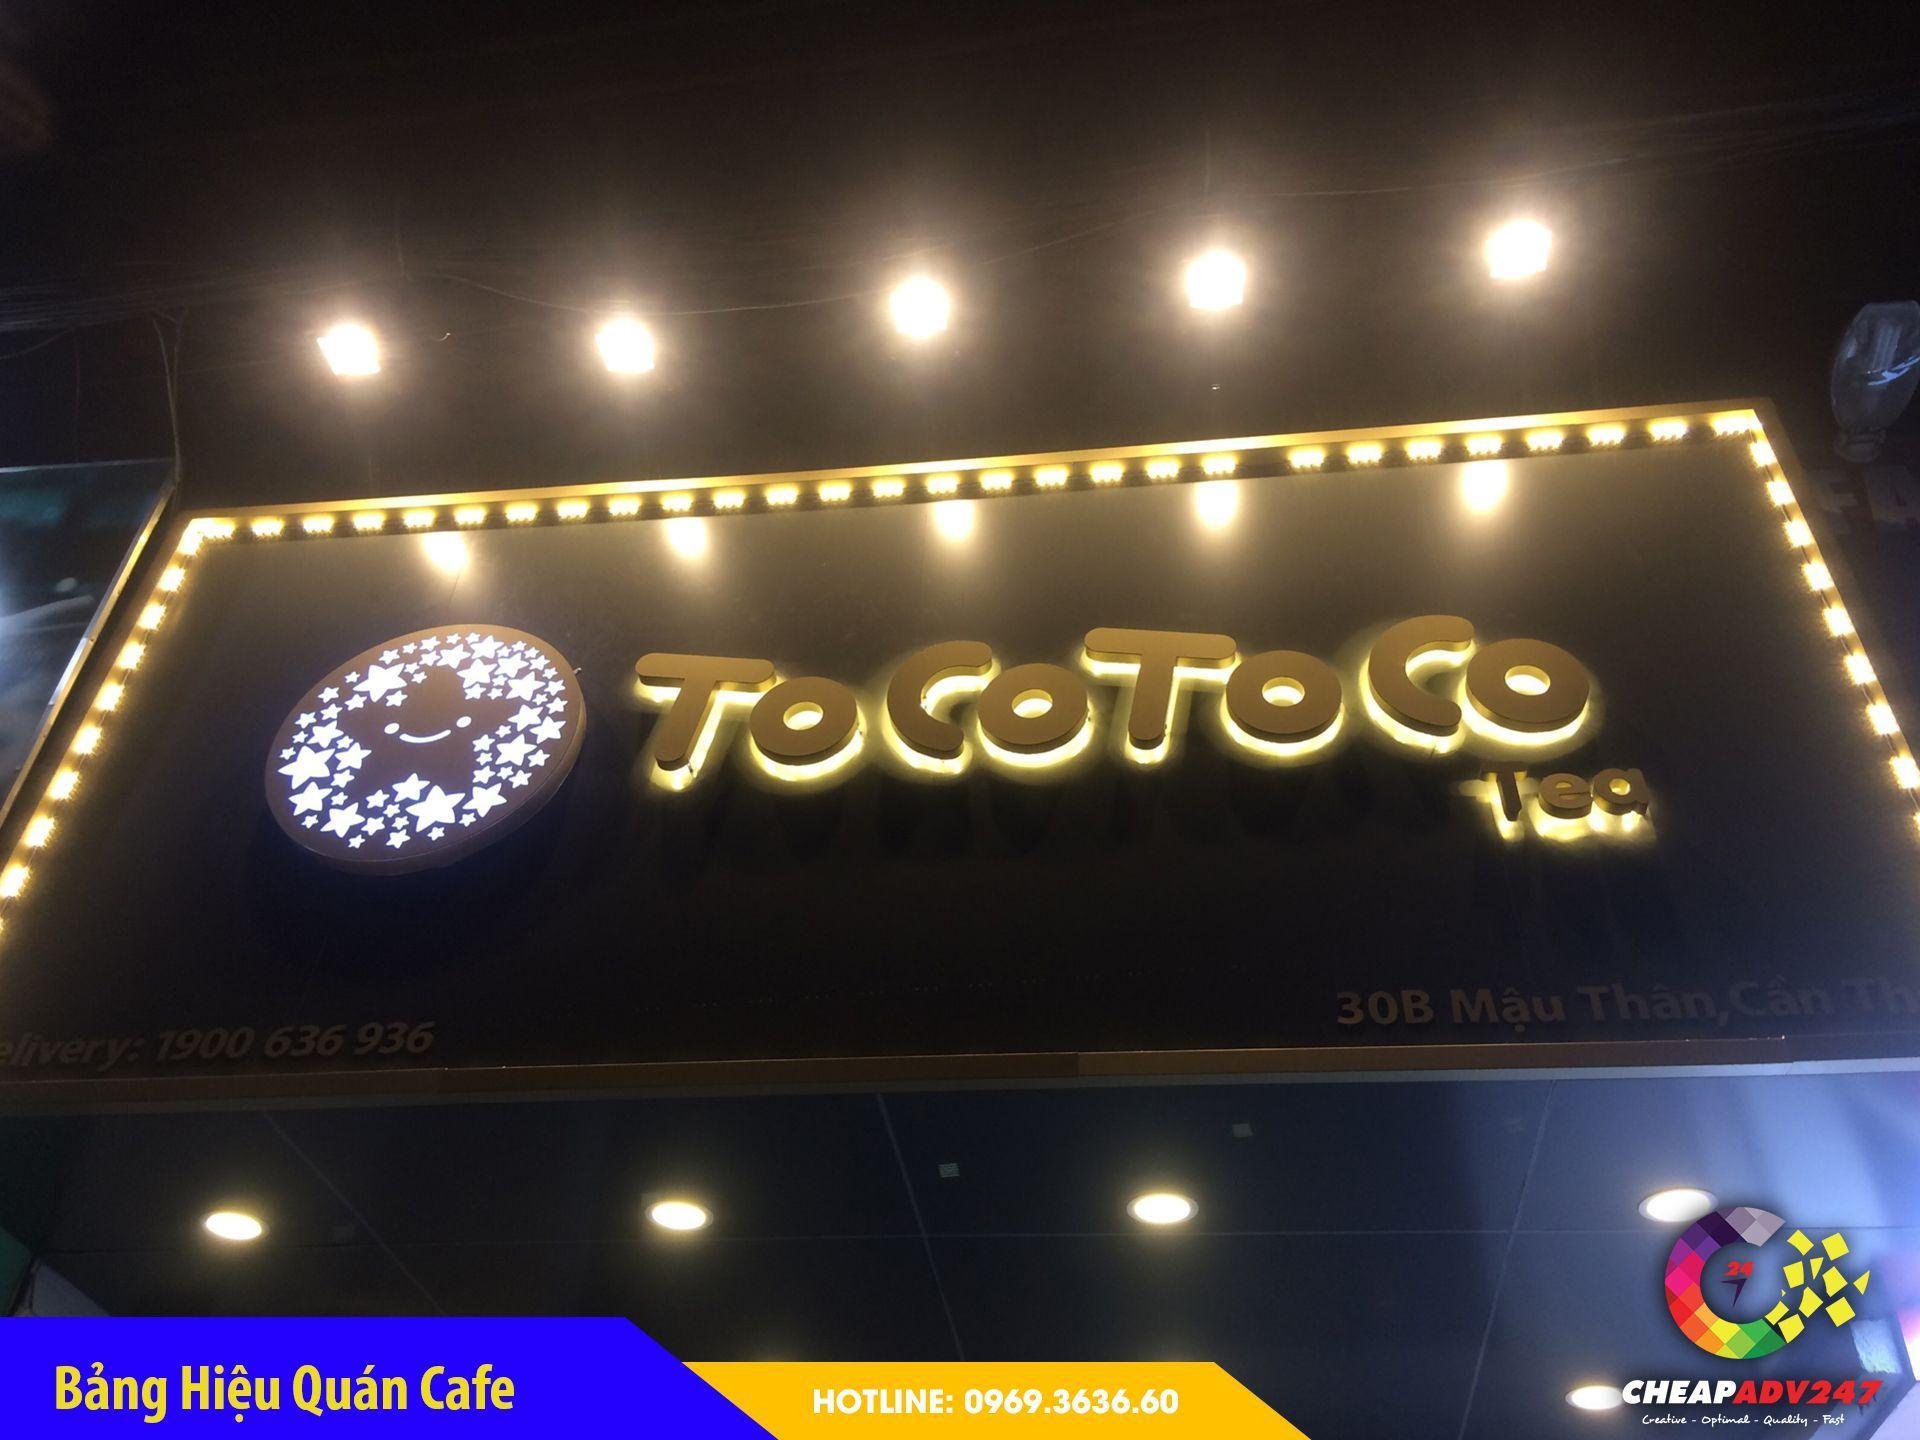 Báo giá bảng hiệu quán cafe tại cheapadv247 - ảnh 4